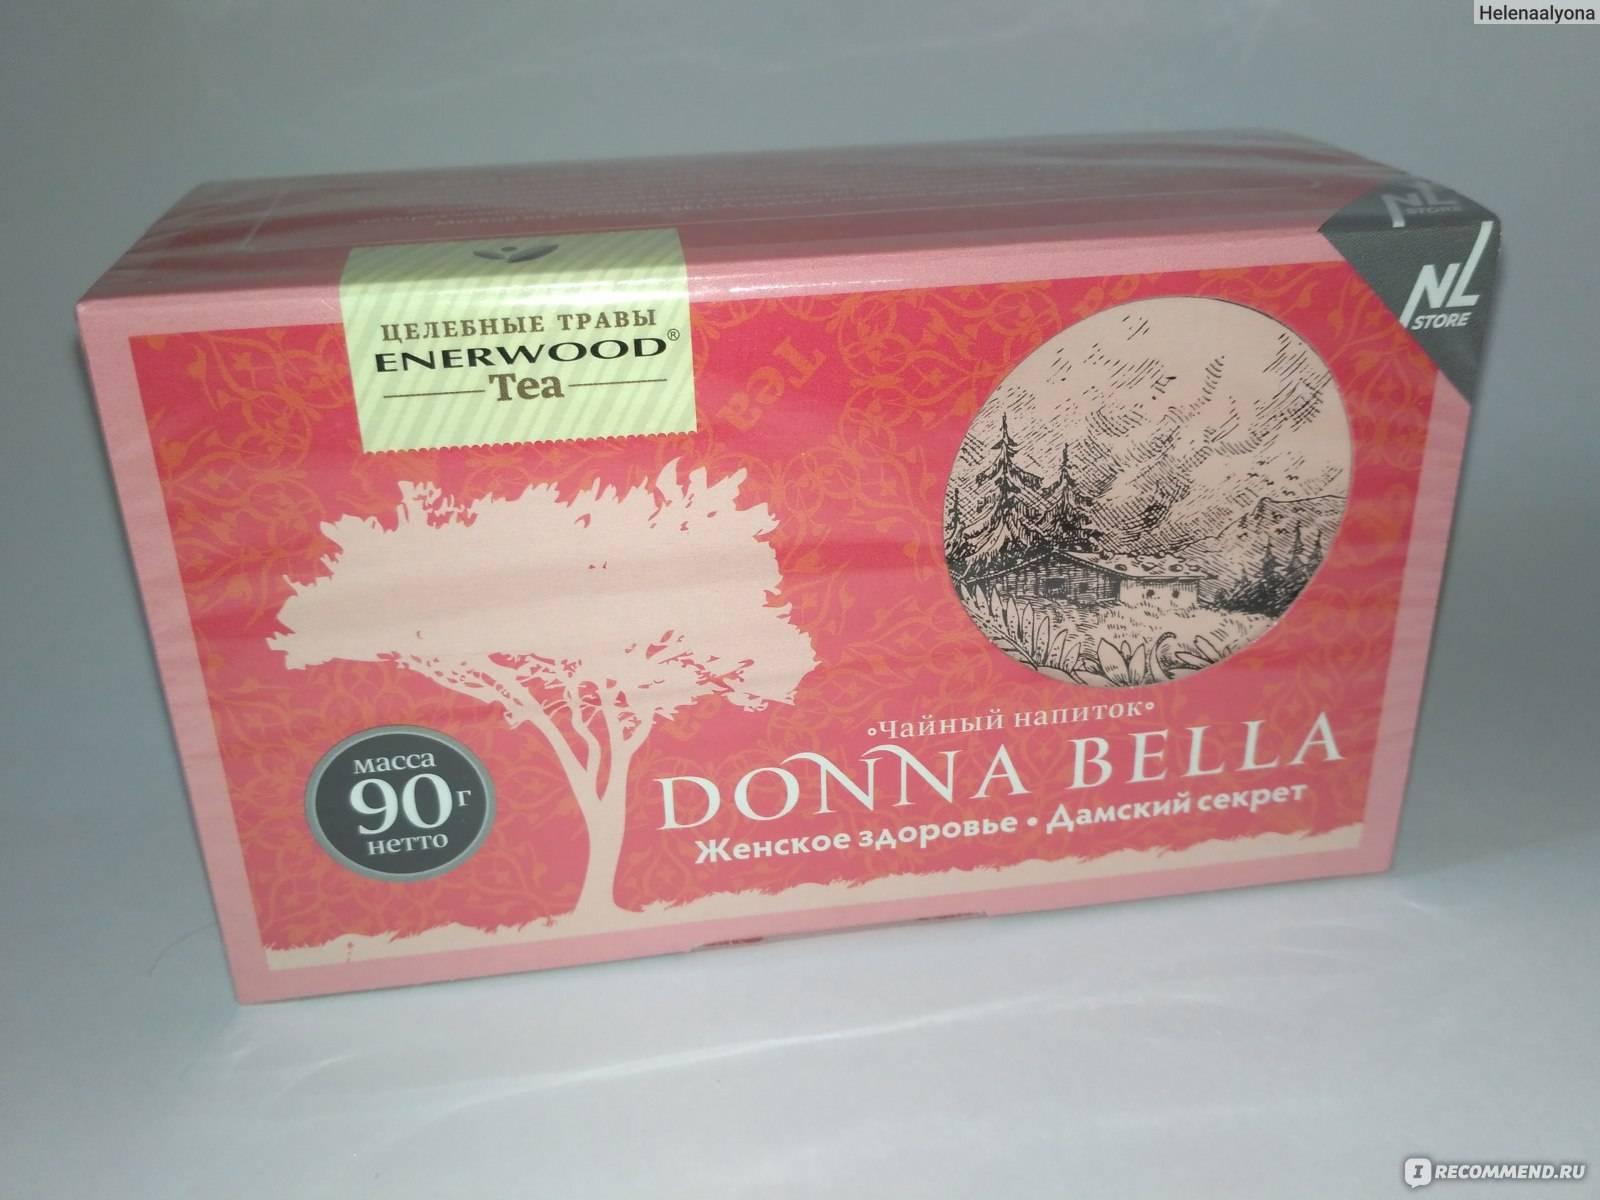 Донна белла чай противопоказания